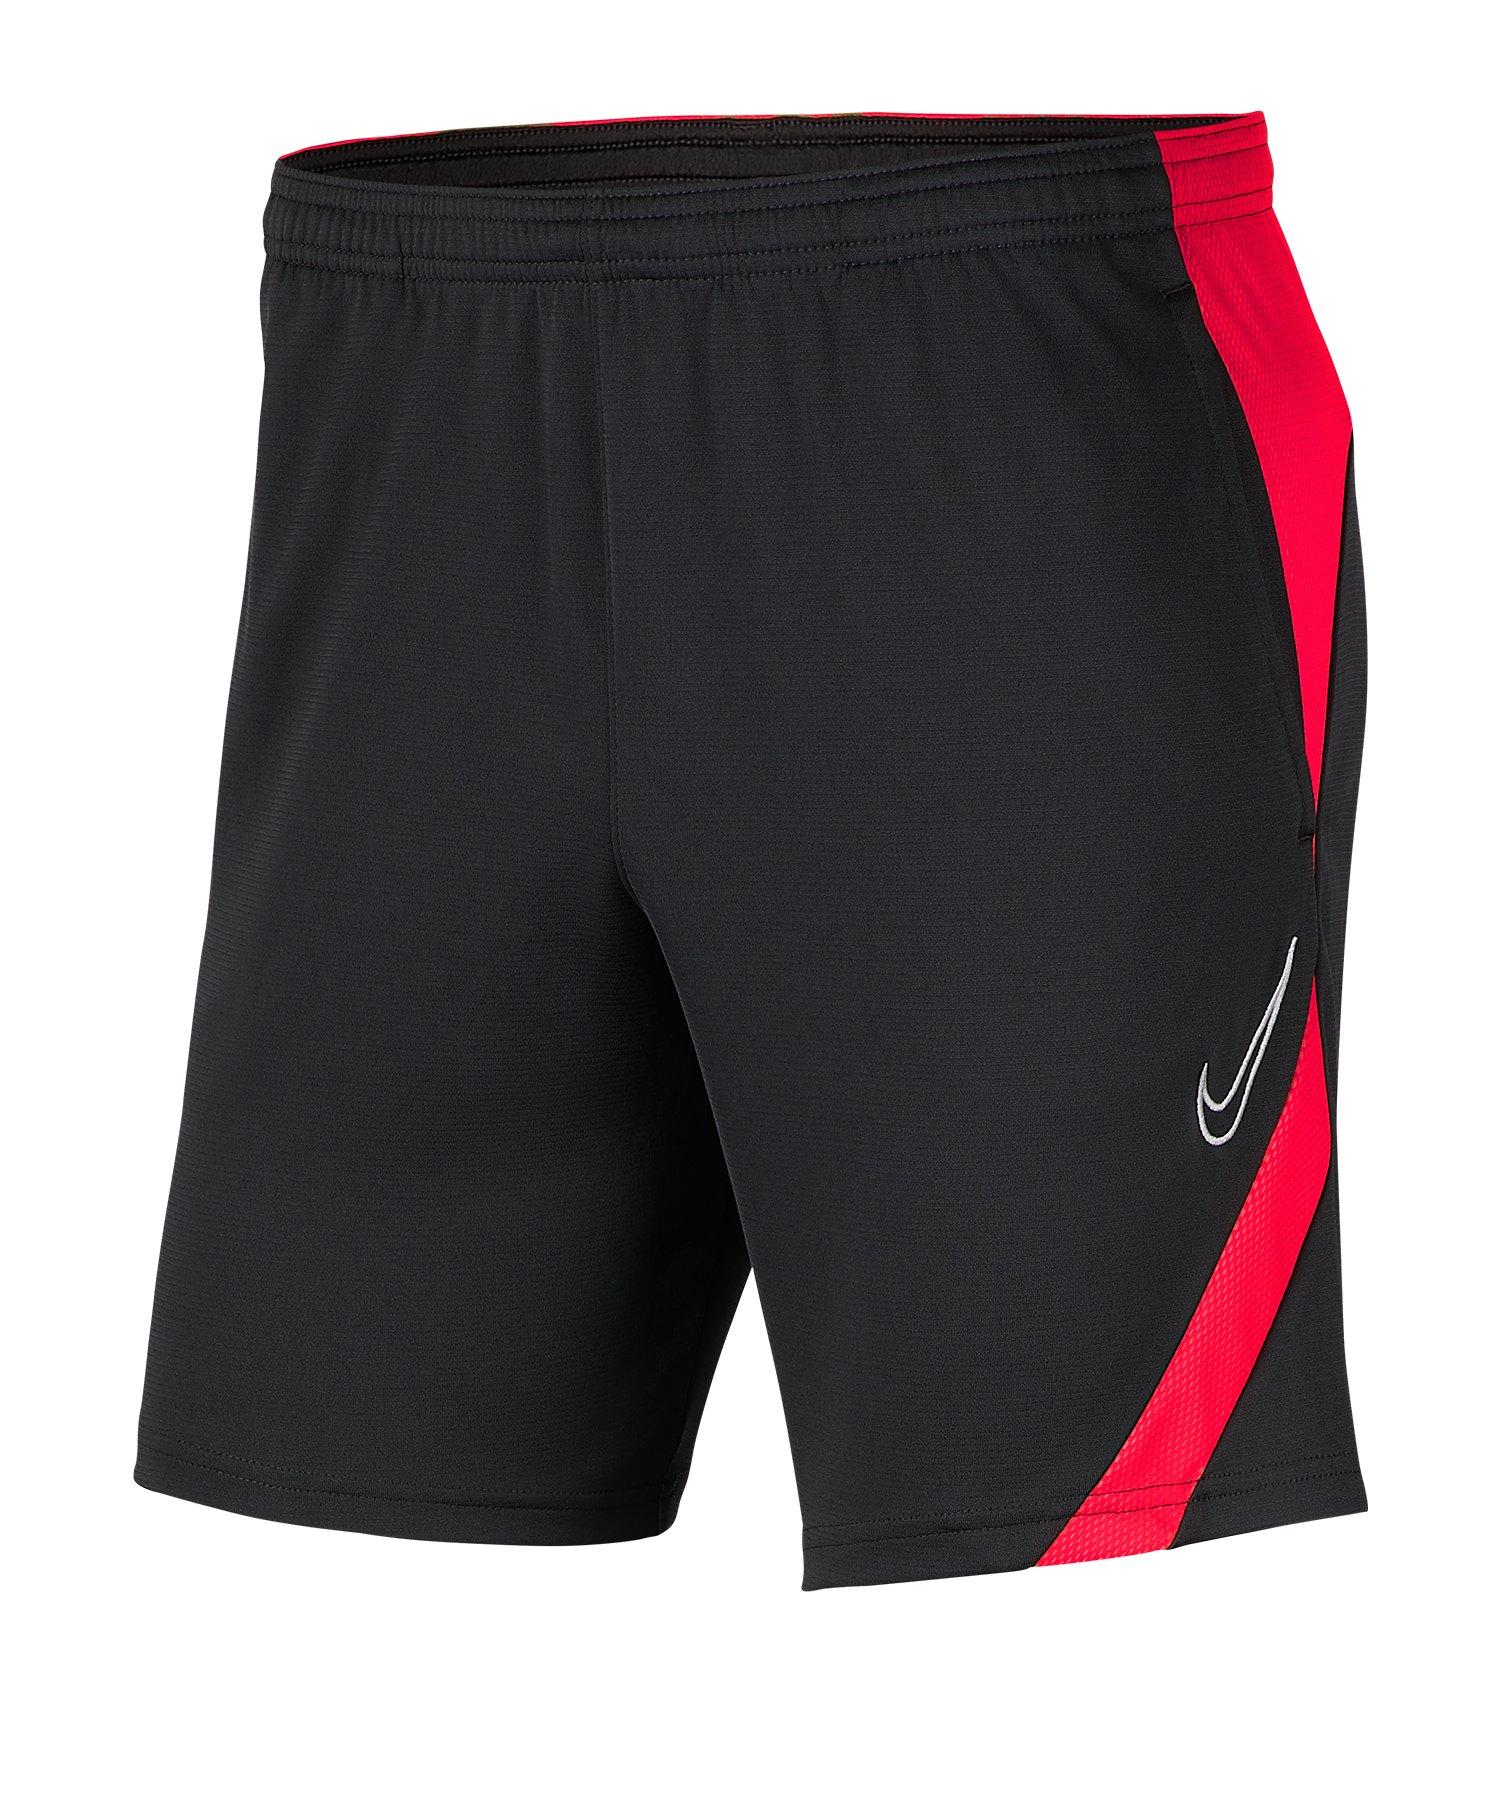 Nike Academy Pro Short Grau Rot F067 - grau